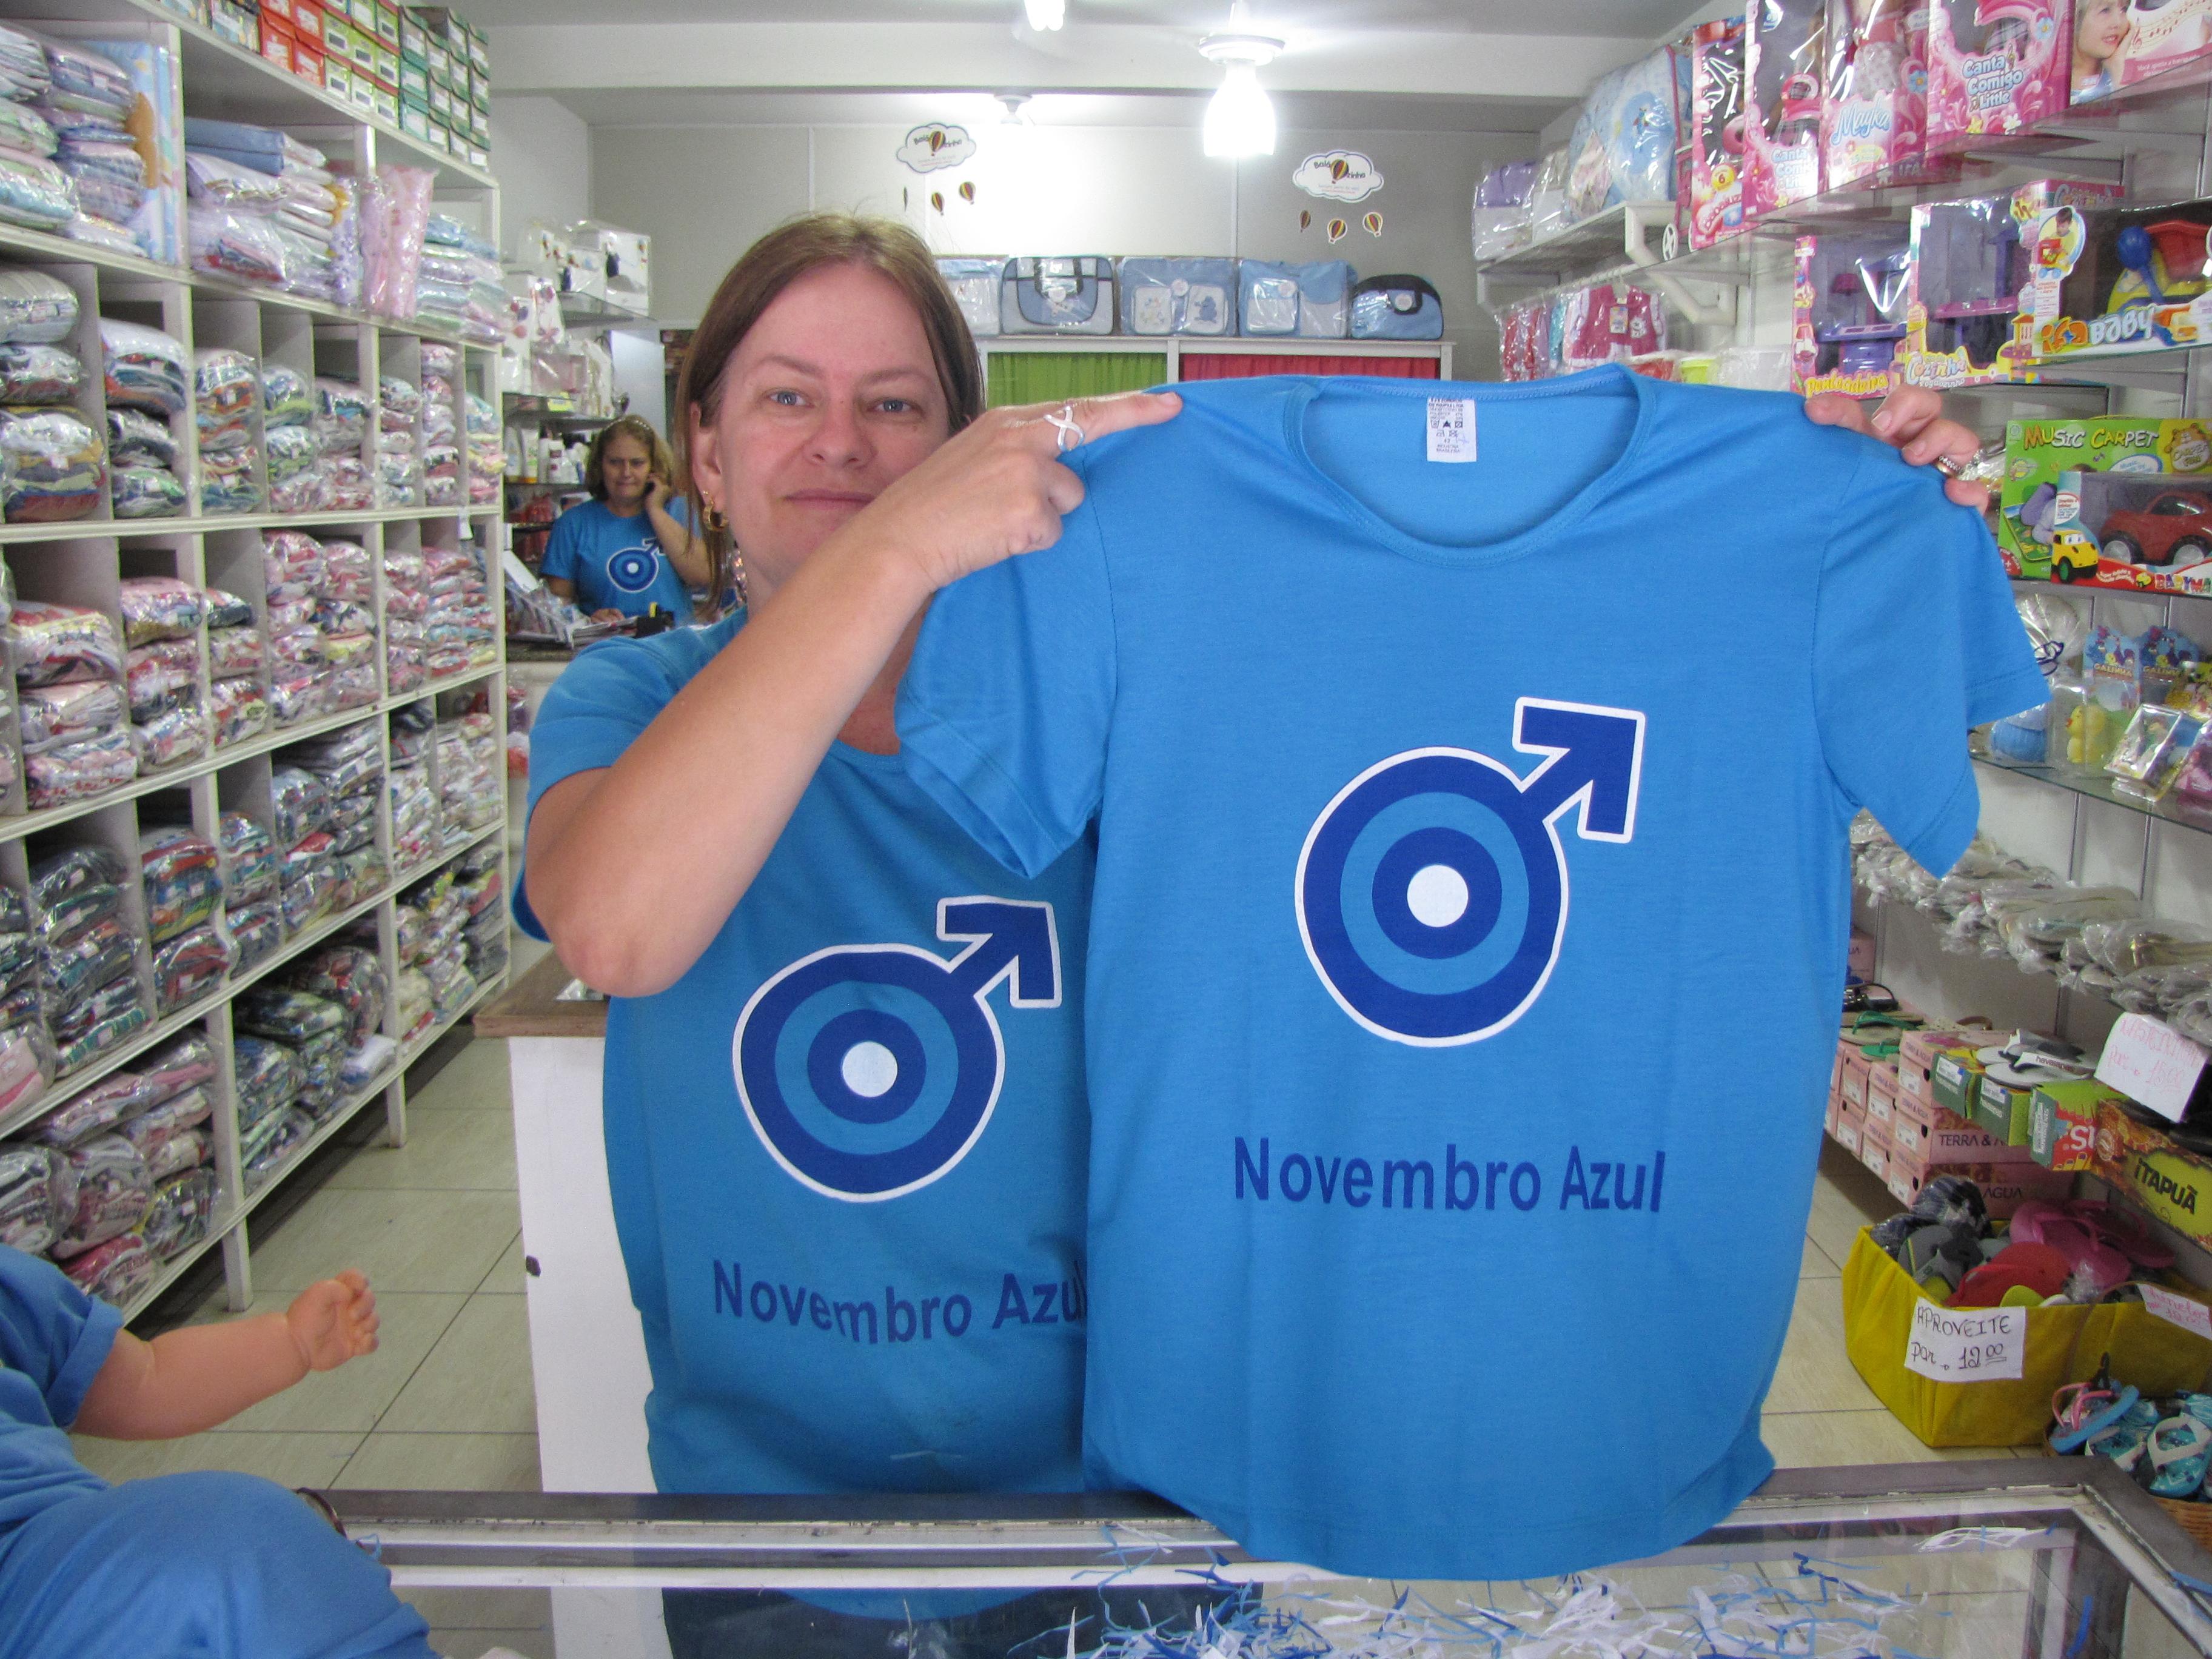 Camisetas do Novembro Azul estão sendo vendidas em Itarana